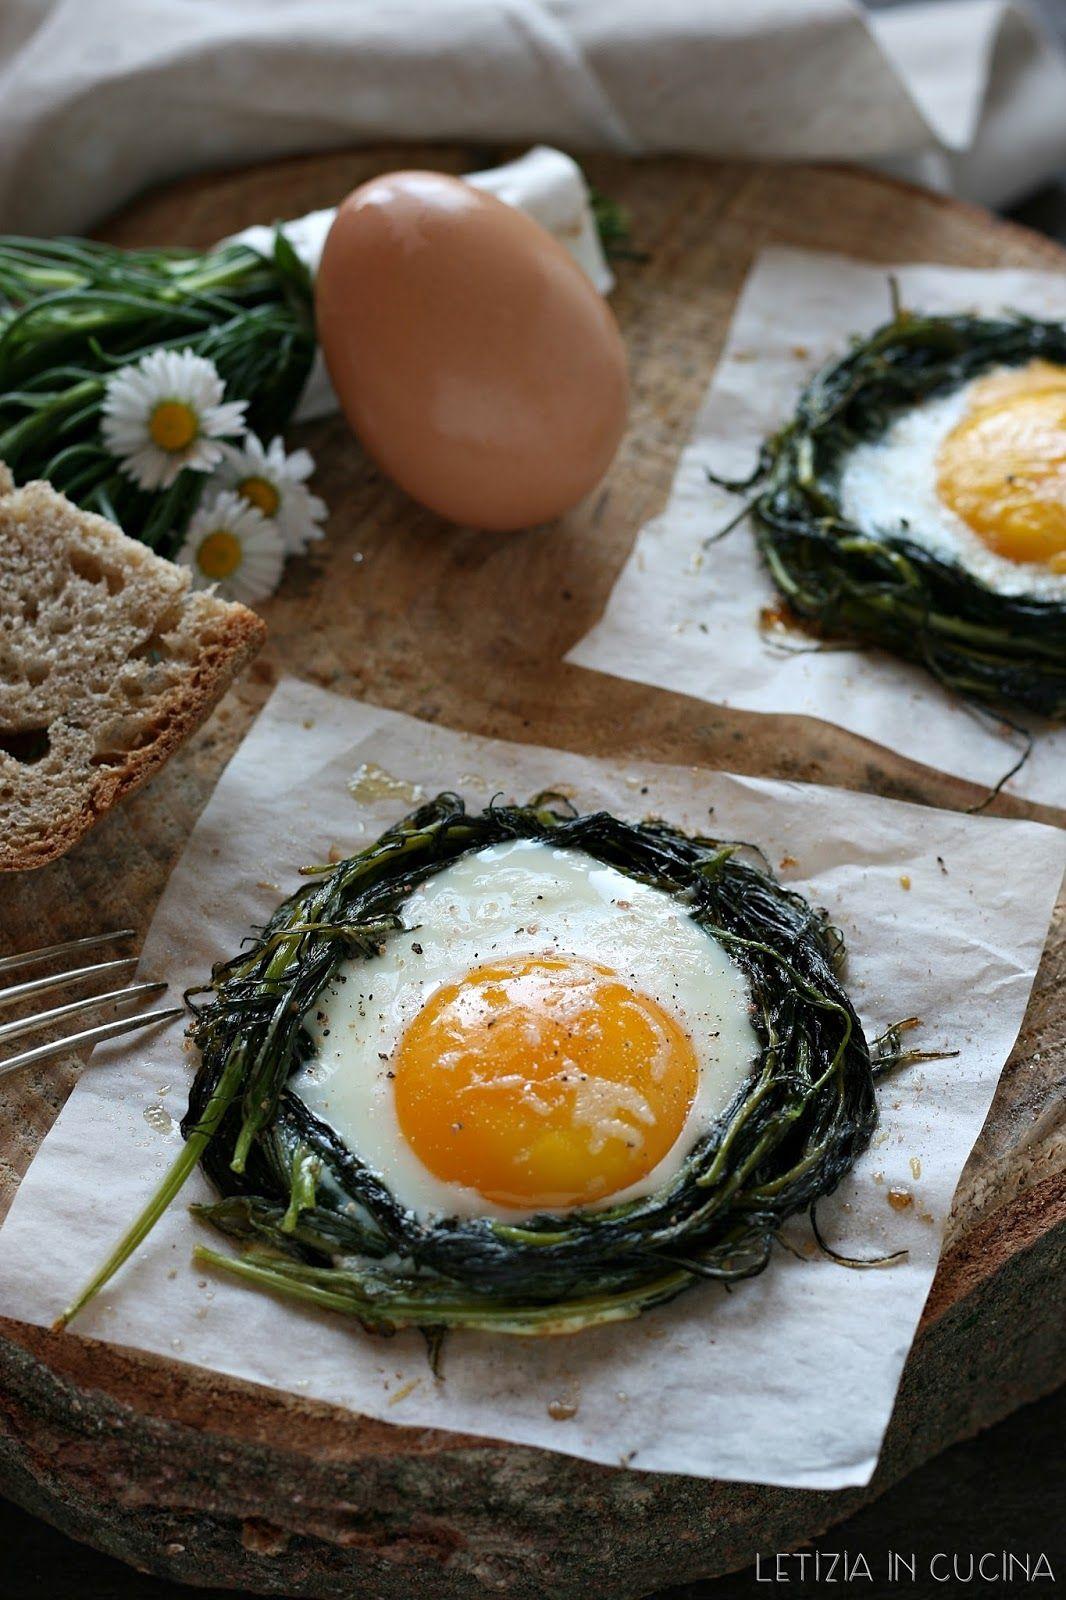 Letizia in Cucina | Cucina | Pinterest | Cucina